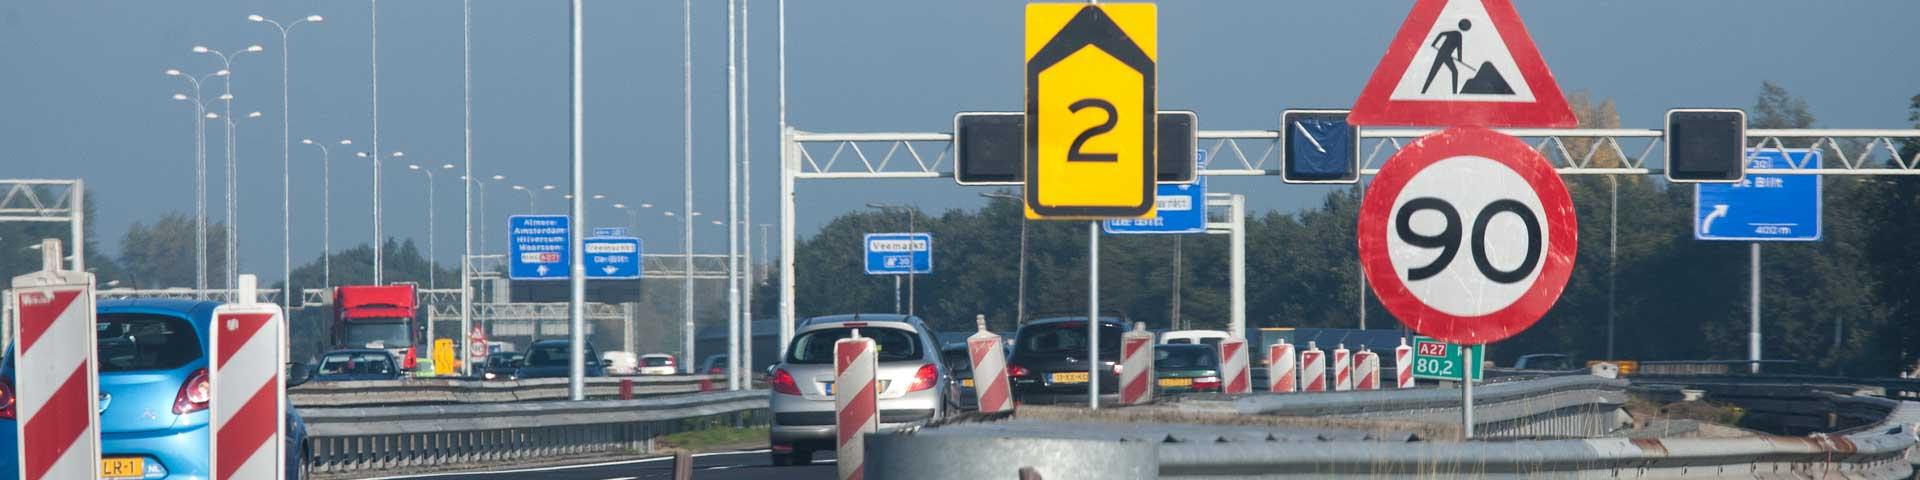 autoschade claimen bij wegbeheerder